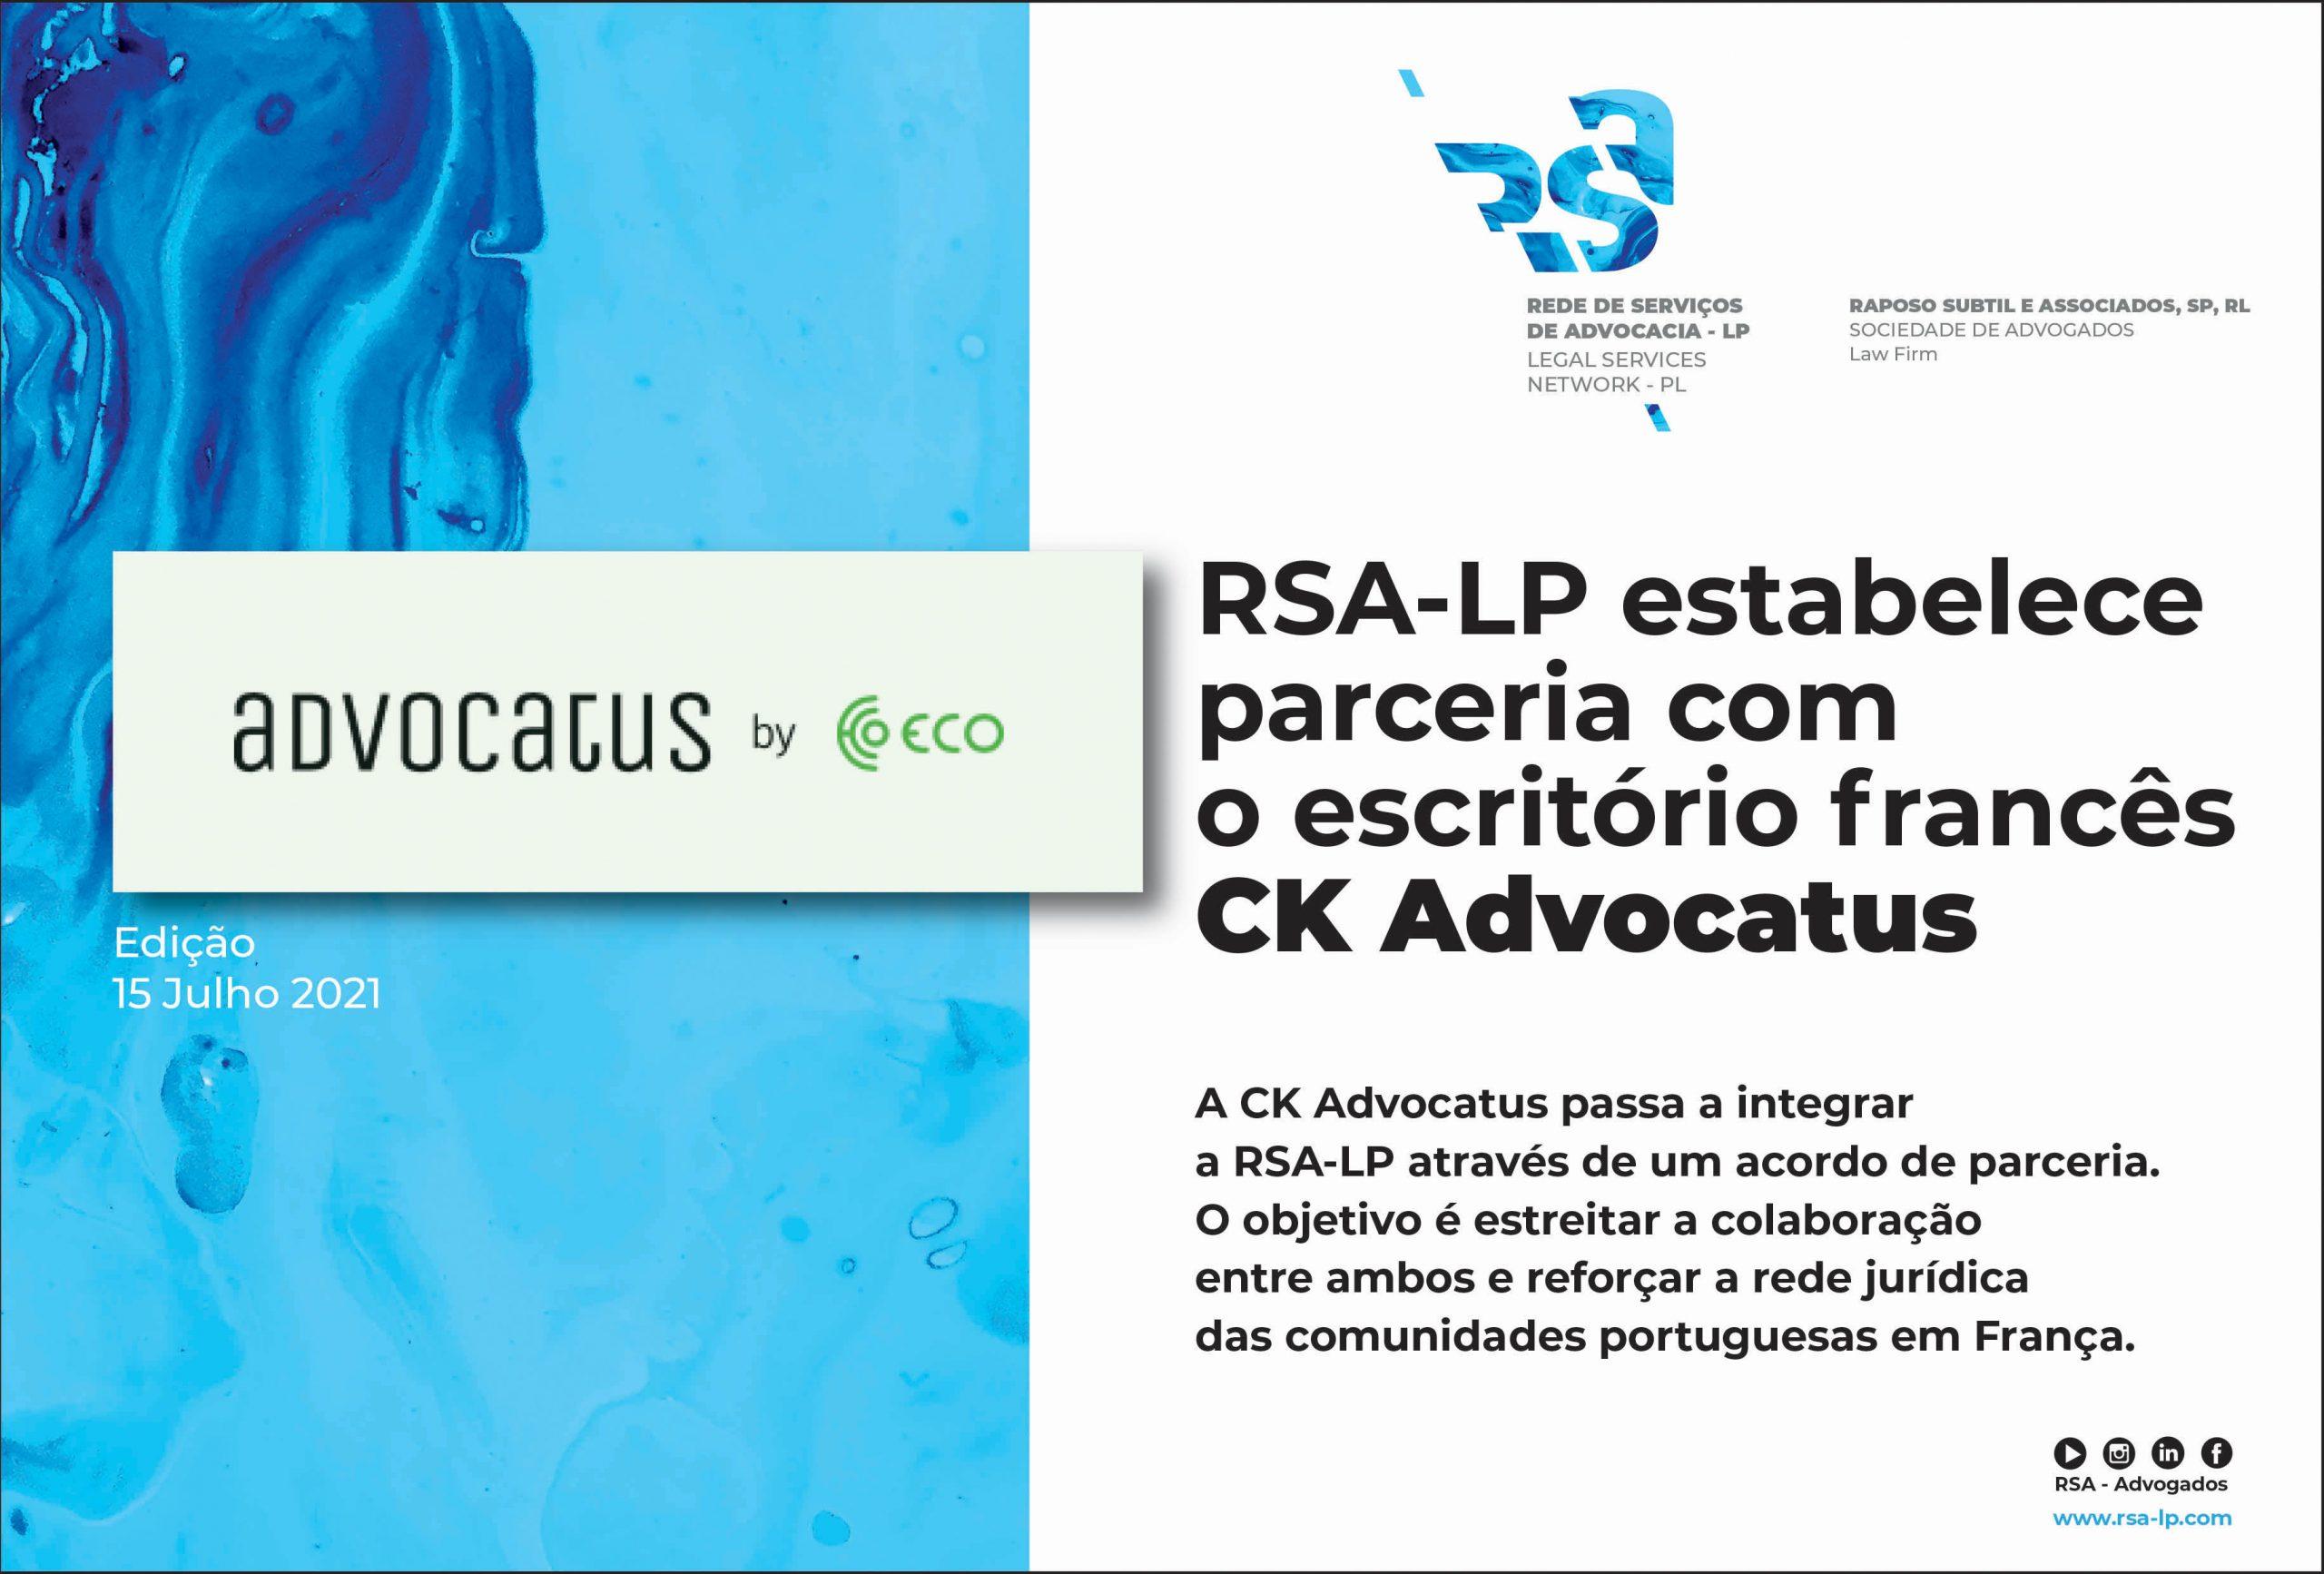 CK Advocatus passa a integrar a RSA - Rede de Serviços de Advocacia